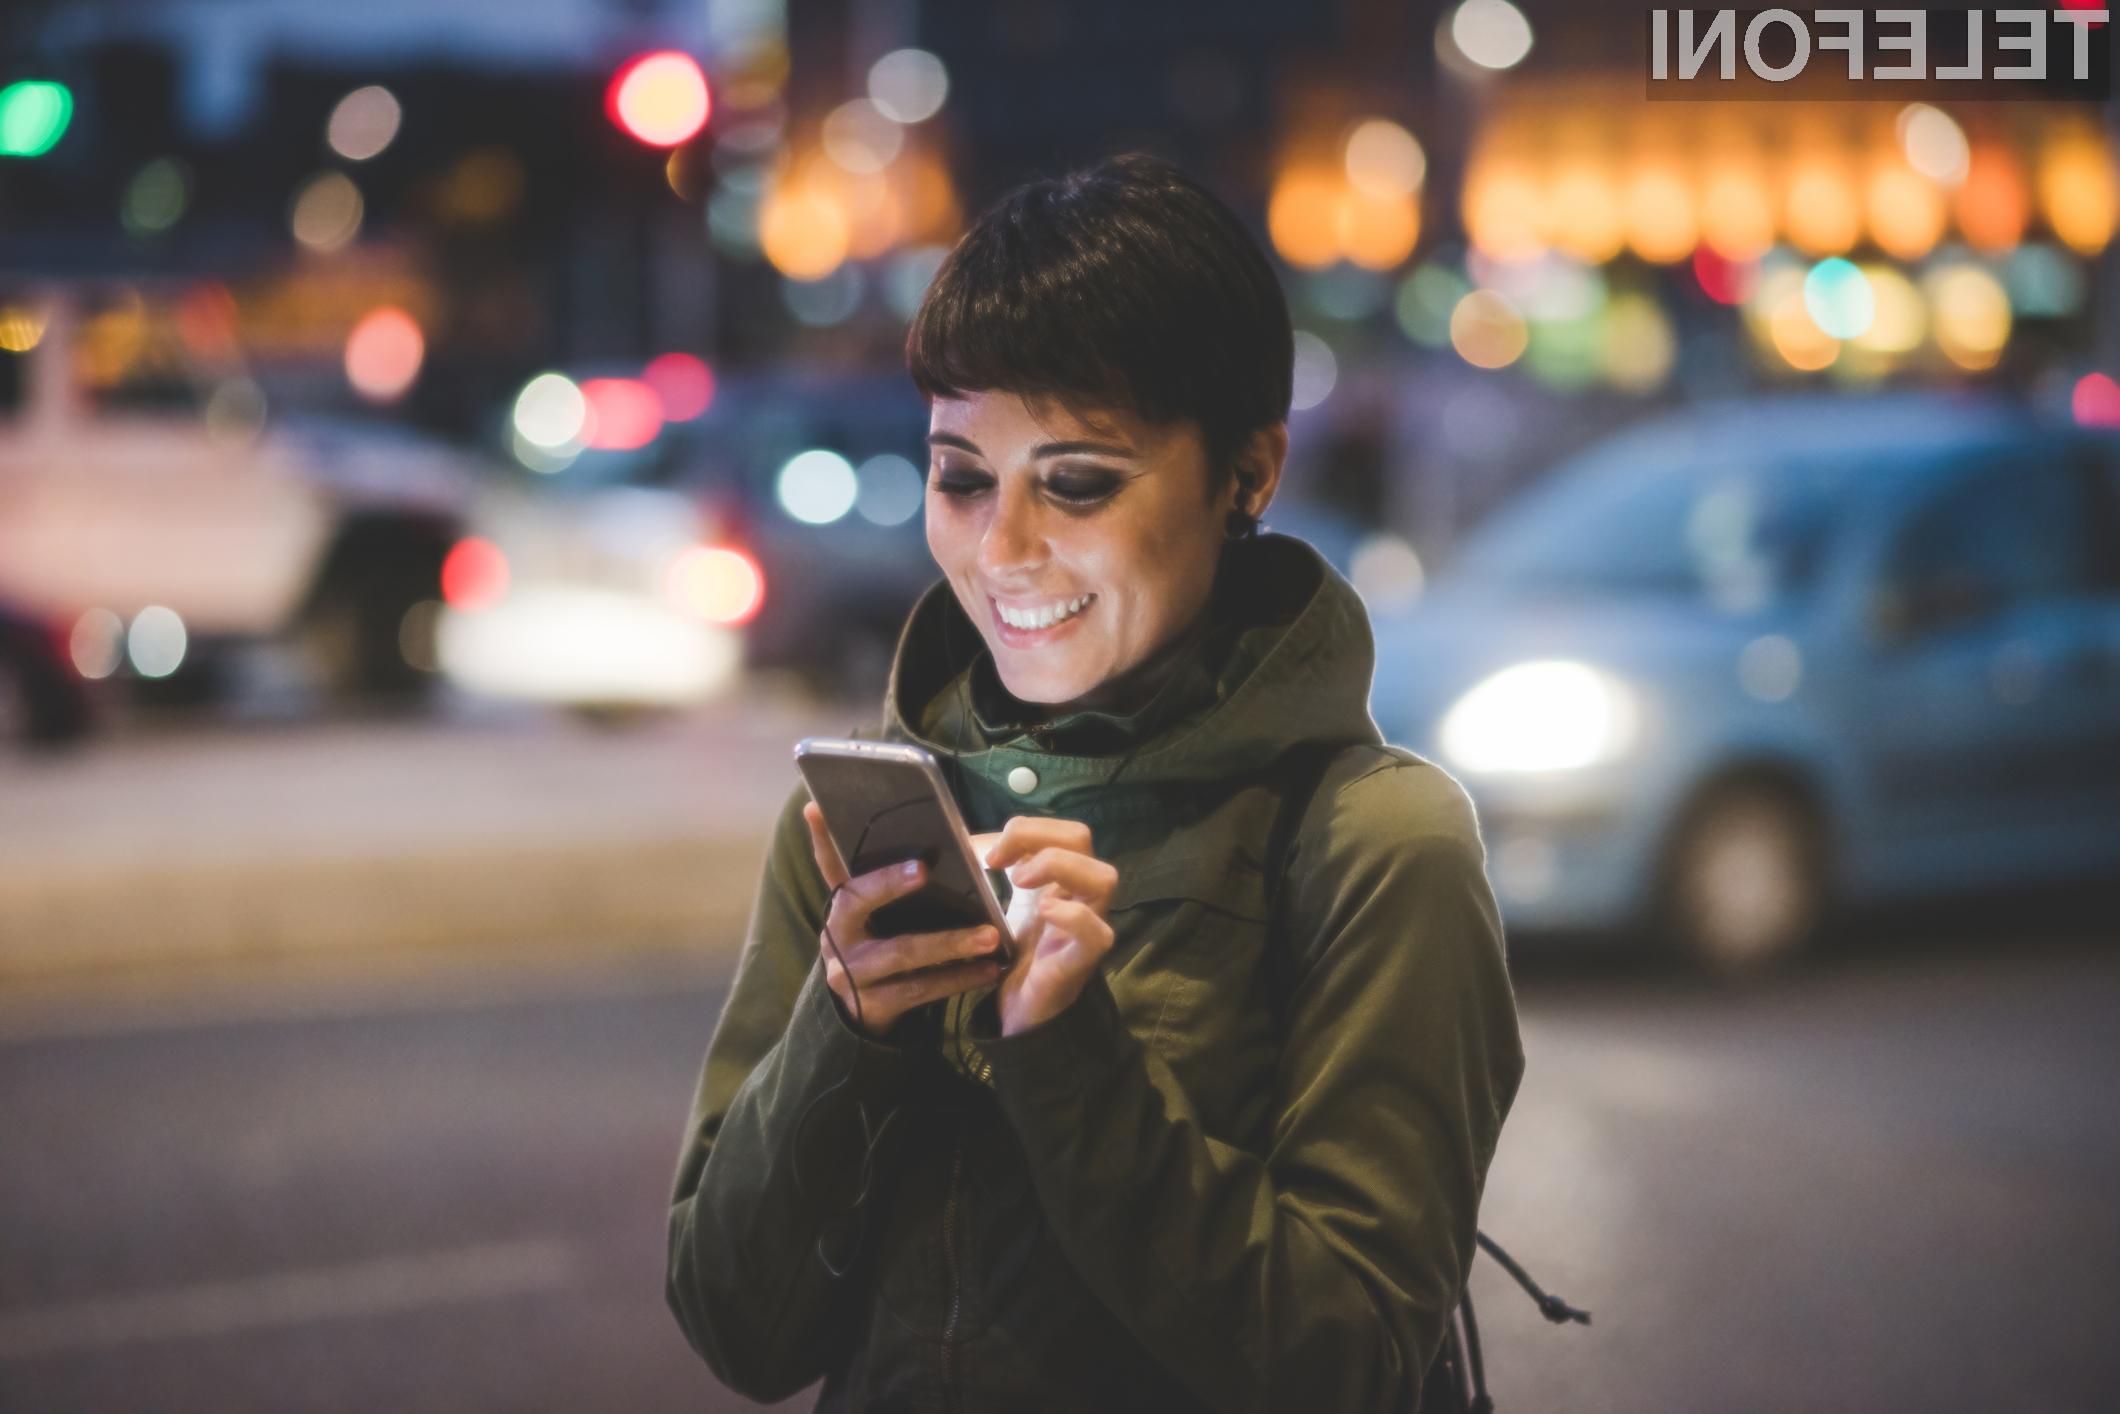 Zdaleč najbolj sevajo pametni mobilni telefoni podjetji OnePlus, Huawei, Nokia in Apple.